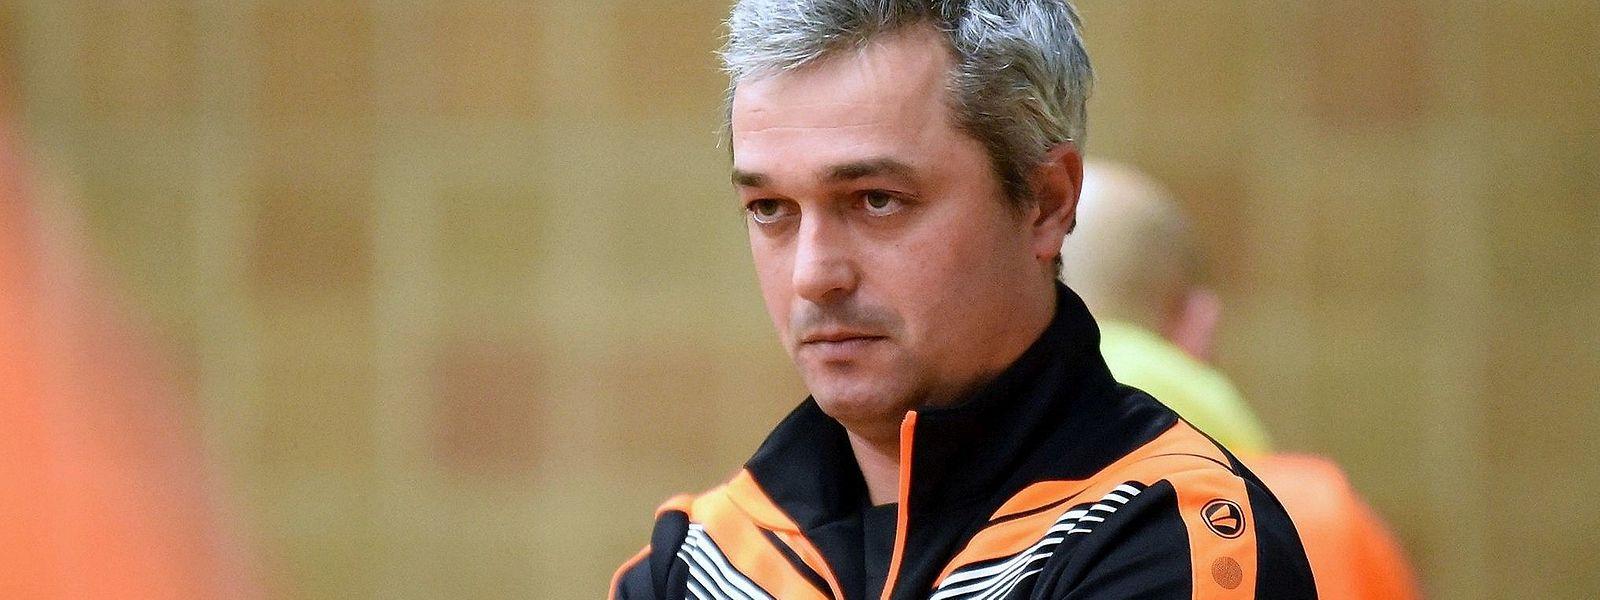 Pour Rui Leal, l'entraîneur- adjoint de Clervaux, son équipe devra se montrer patiente face au Samba 7 ALSS.